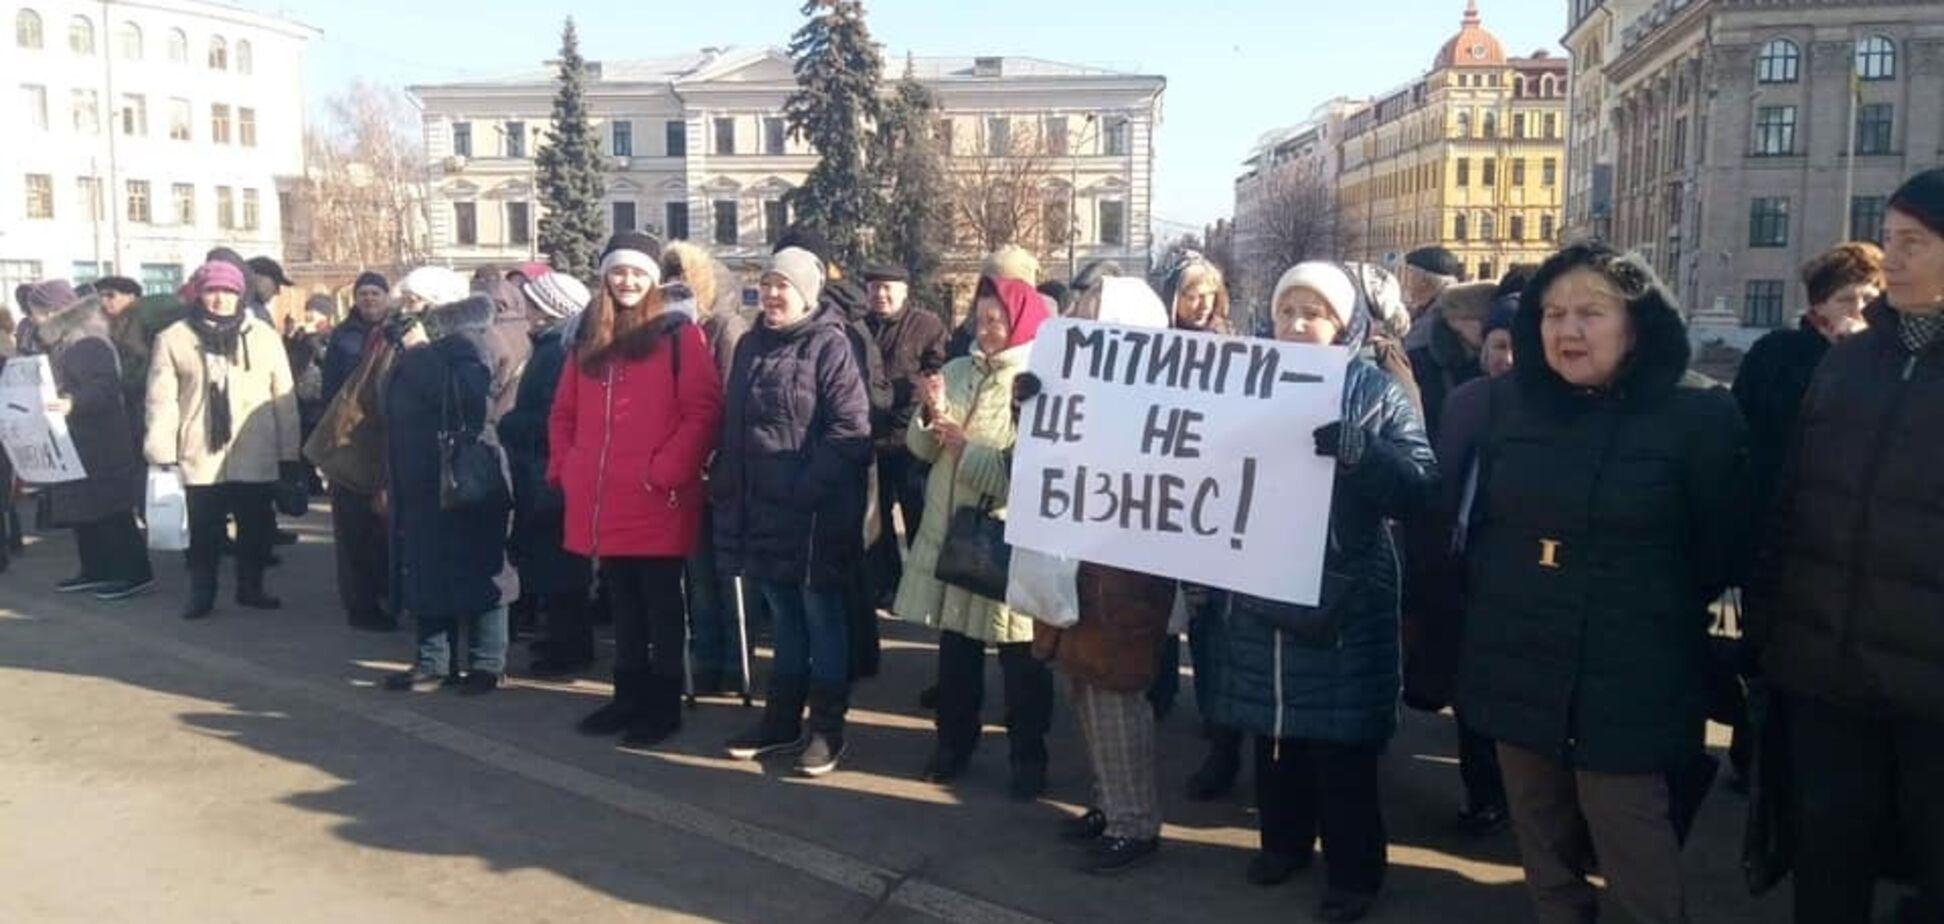 'Обещали 150 грн': в Киеве 'кинули' митингующих против митингов